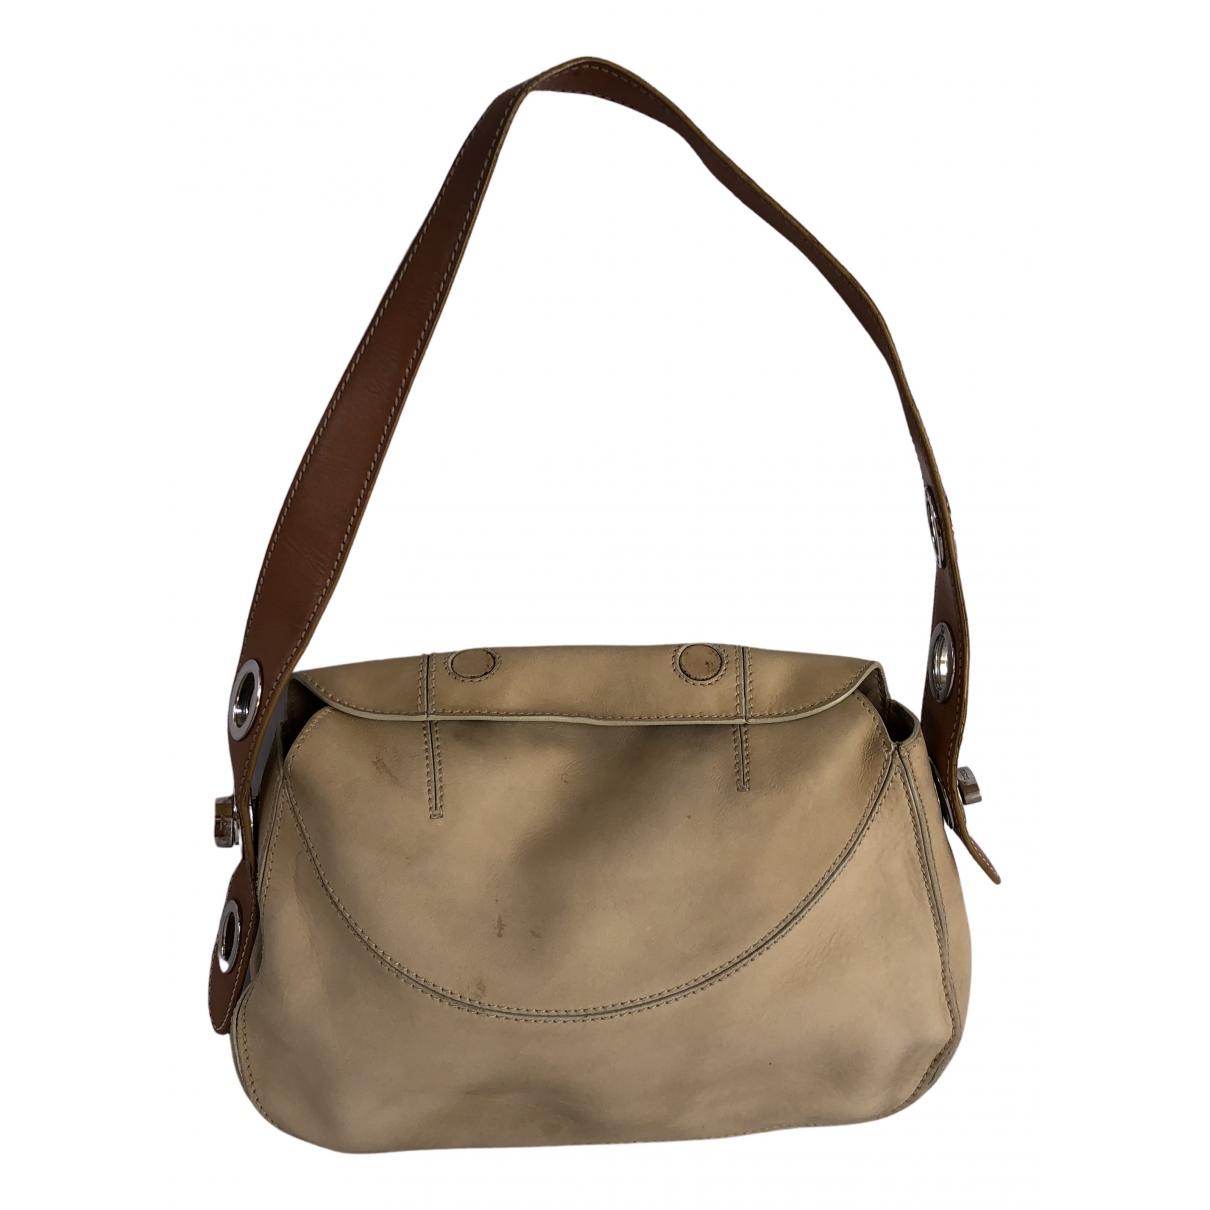 Tods \N Handtasche in  Beige Leinen